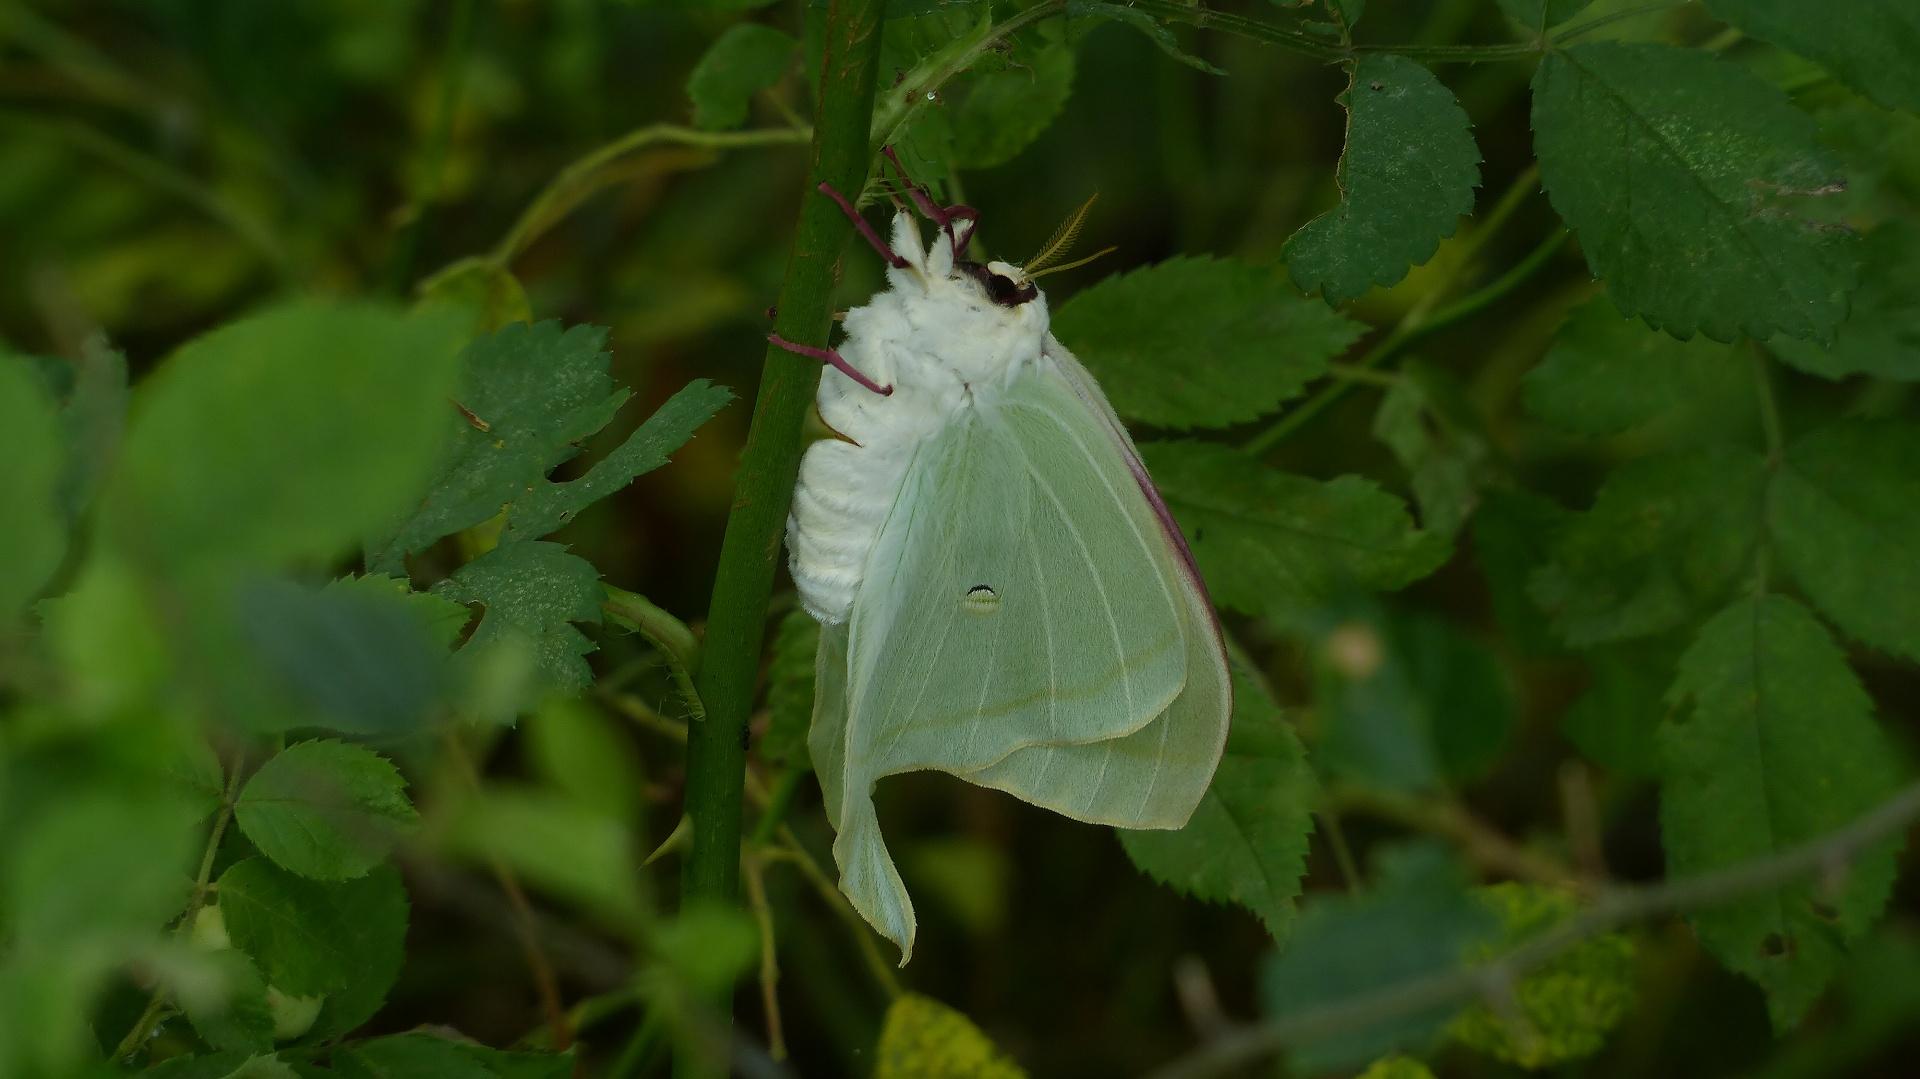 昆虫の森シリーズ 夕顔瓢箪とも呼ばれます_a0185081_11401689.jpg